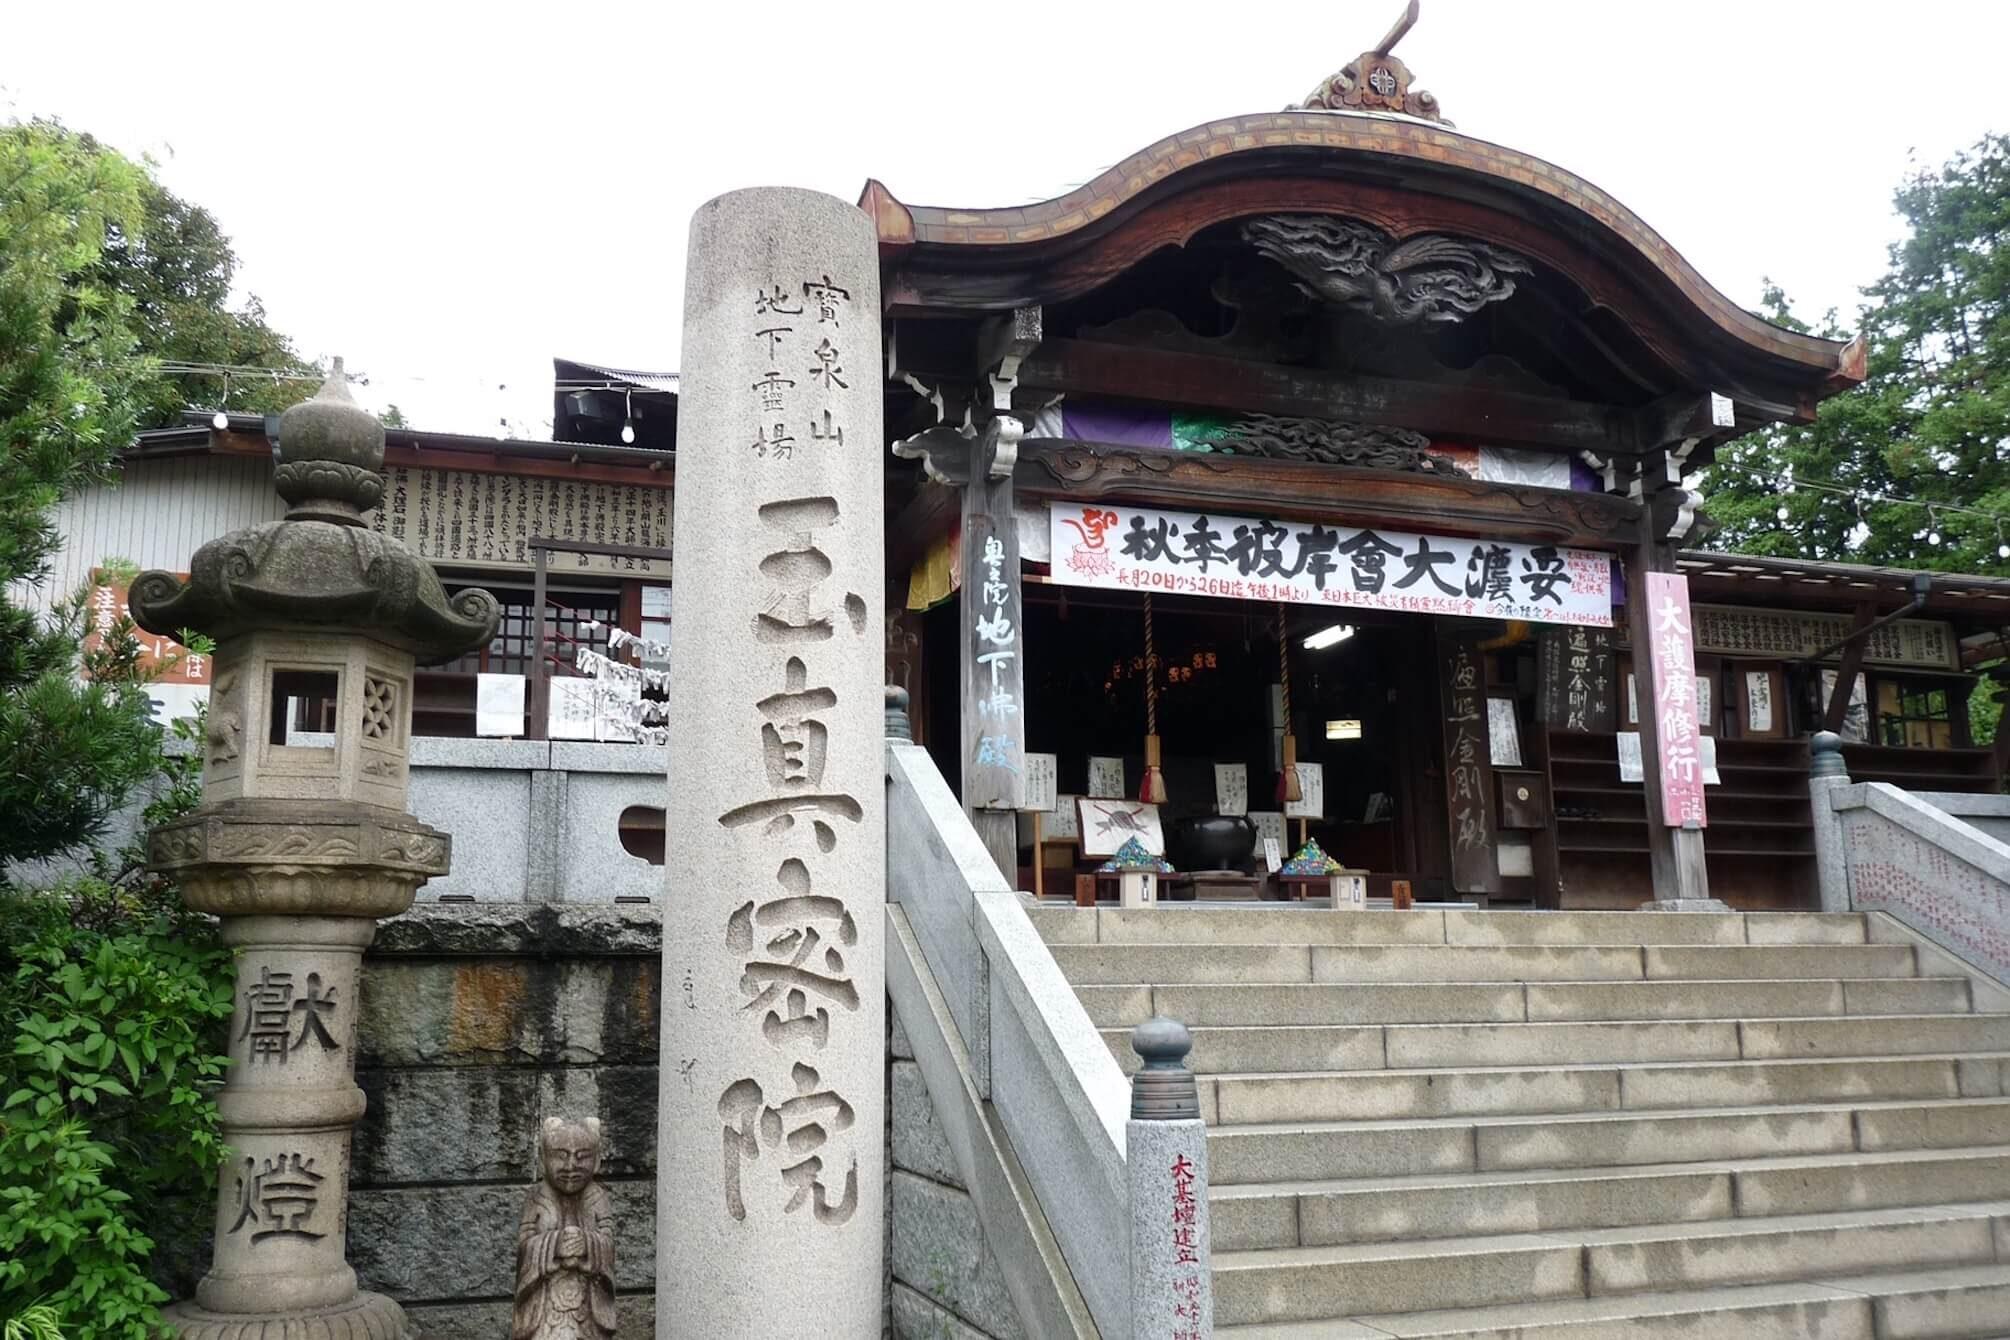 Als in Japan die Erde bebte - www.expatmamas.de/blog/ #expatmamas #japan #imauslandzuhause